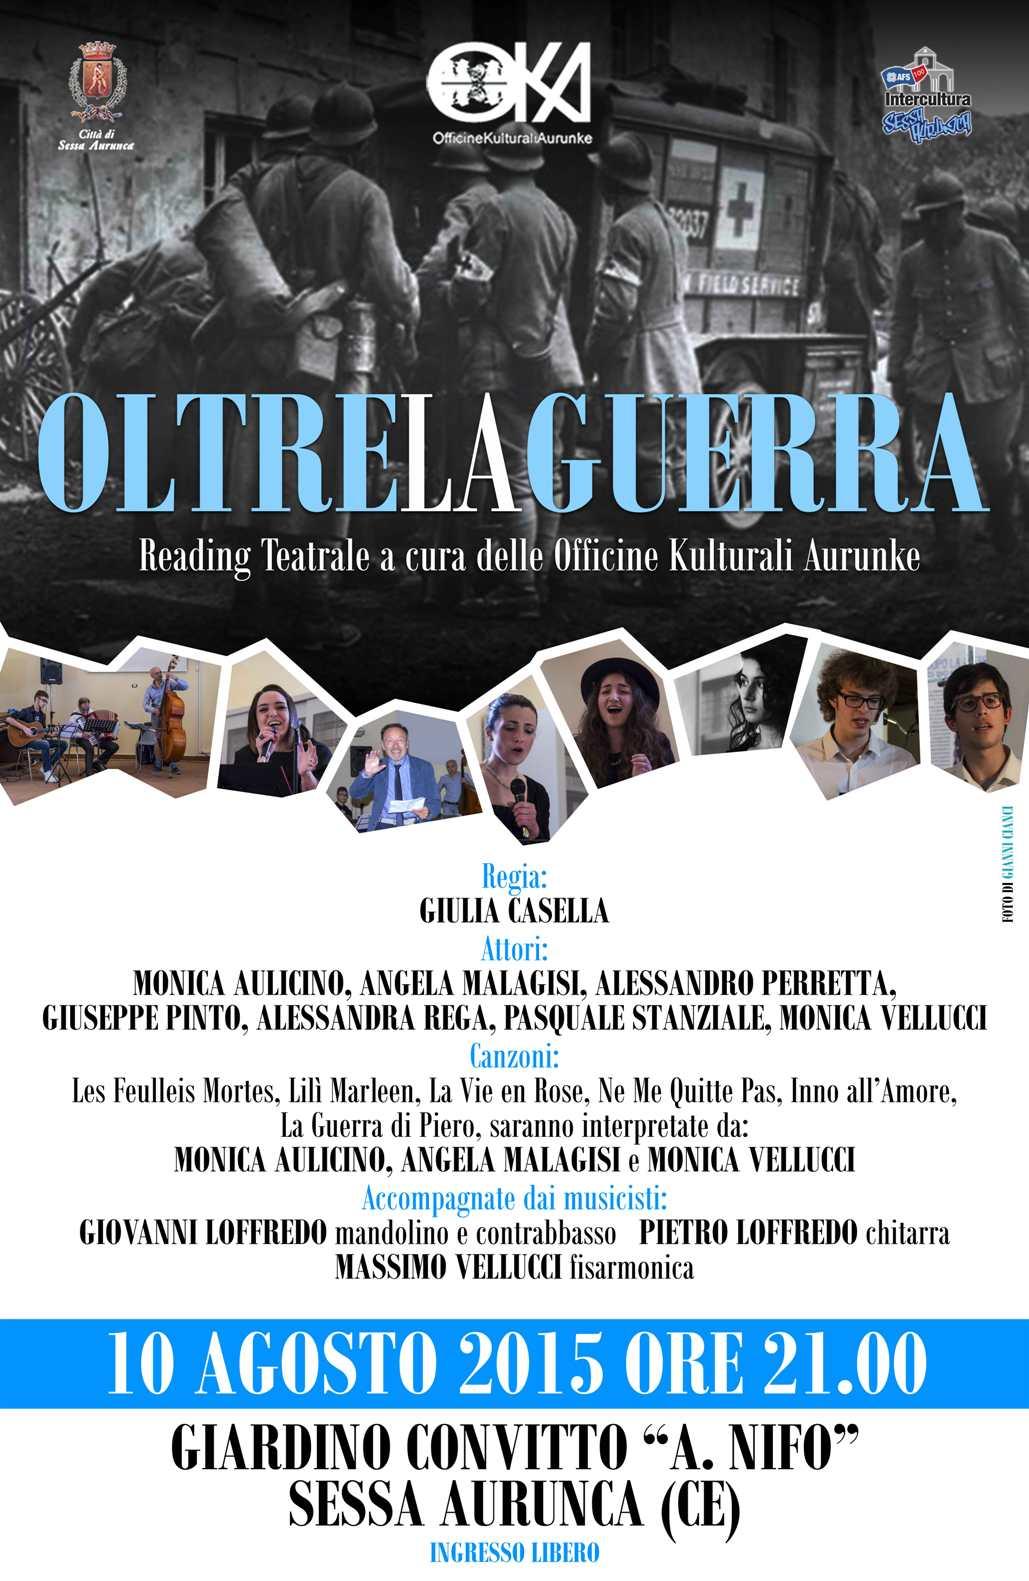 GIULIA CASELLA OLTRE LA GUERRA2222222222